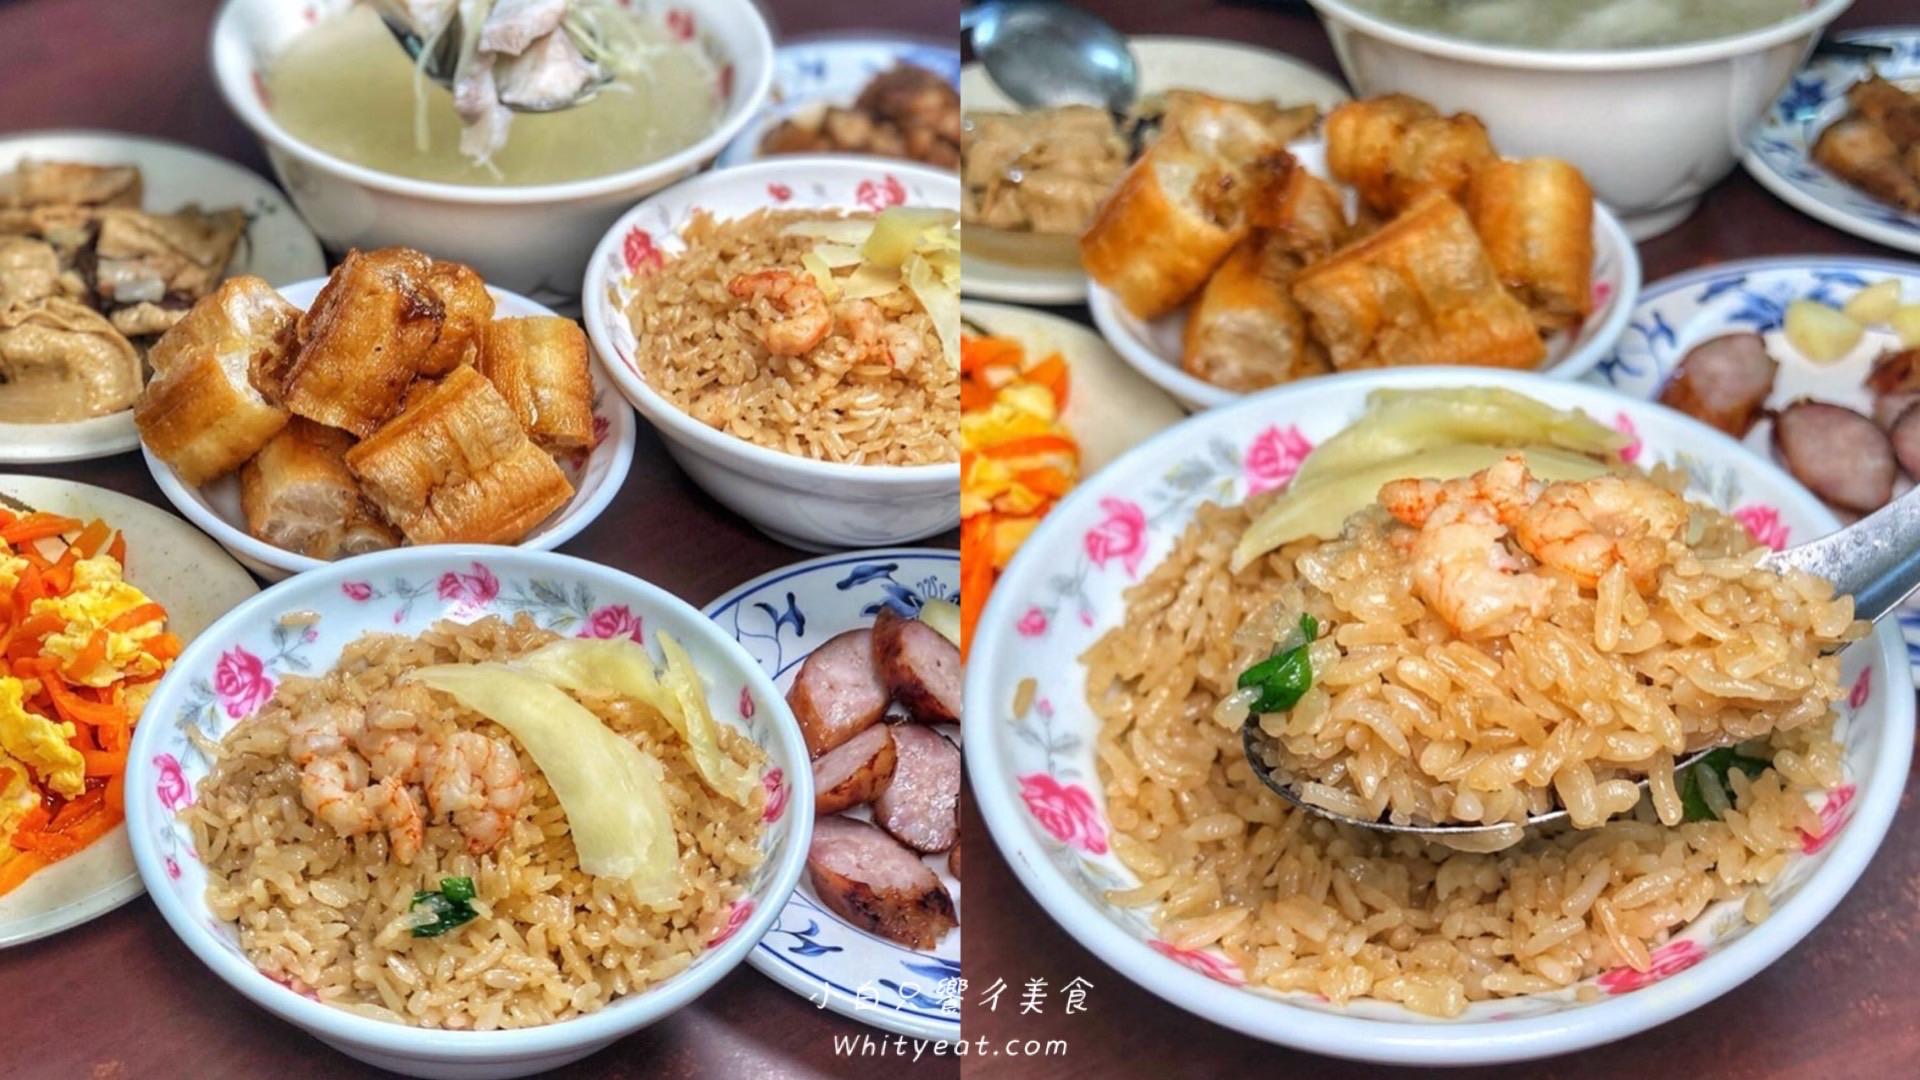 【台南美食】不在和緯路上的「和緯蝦仁飯」在地台南人的早餐!蝦仁飯+乾油條必吃組合 – 台南蝦仁飯 台南北區